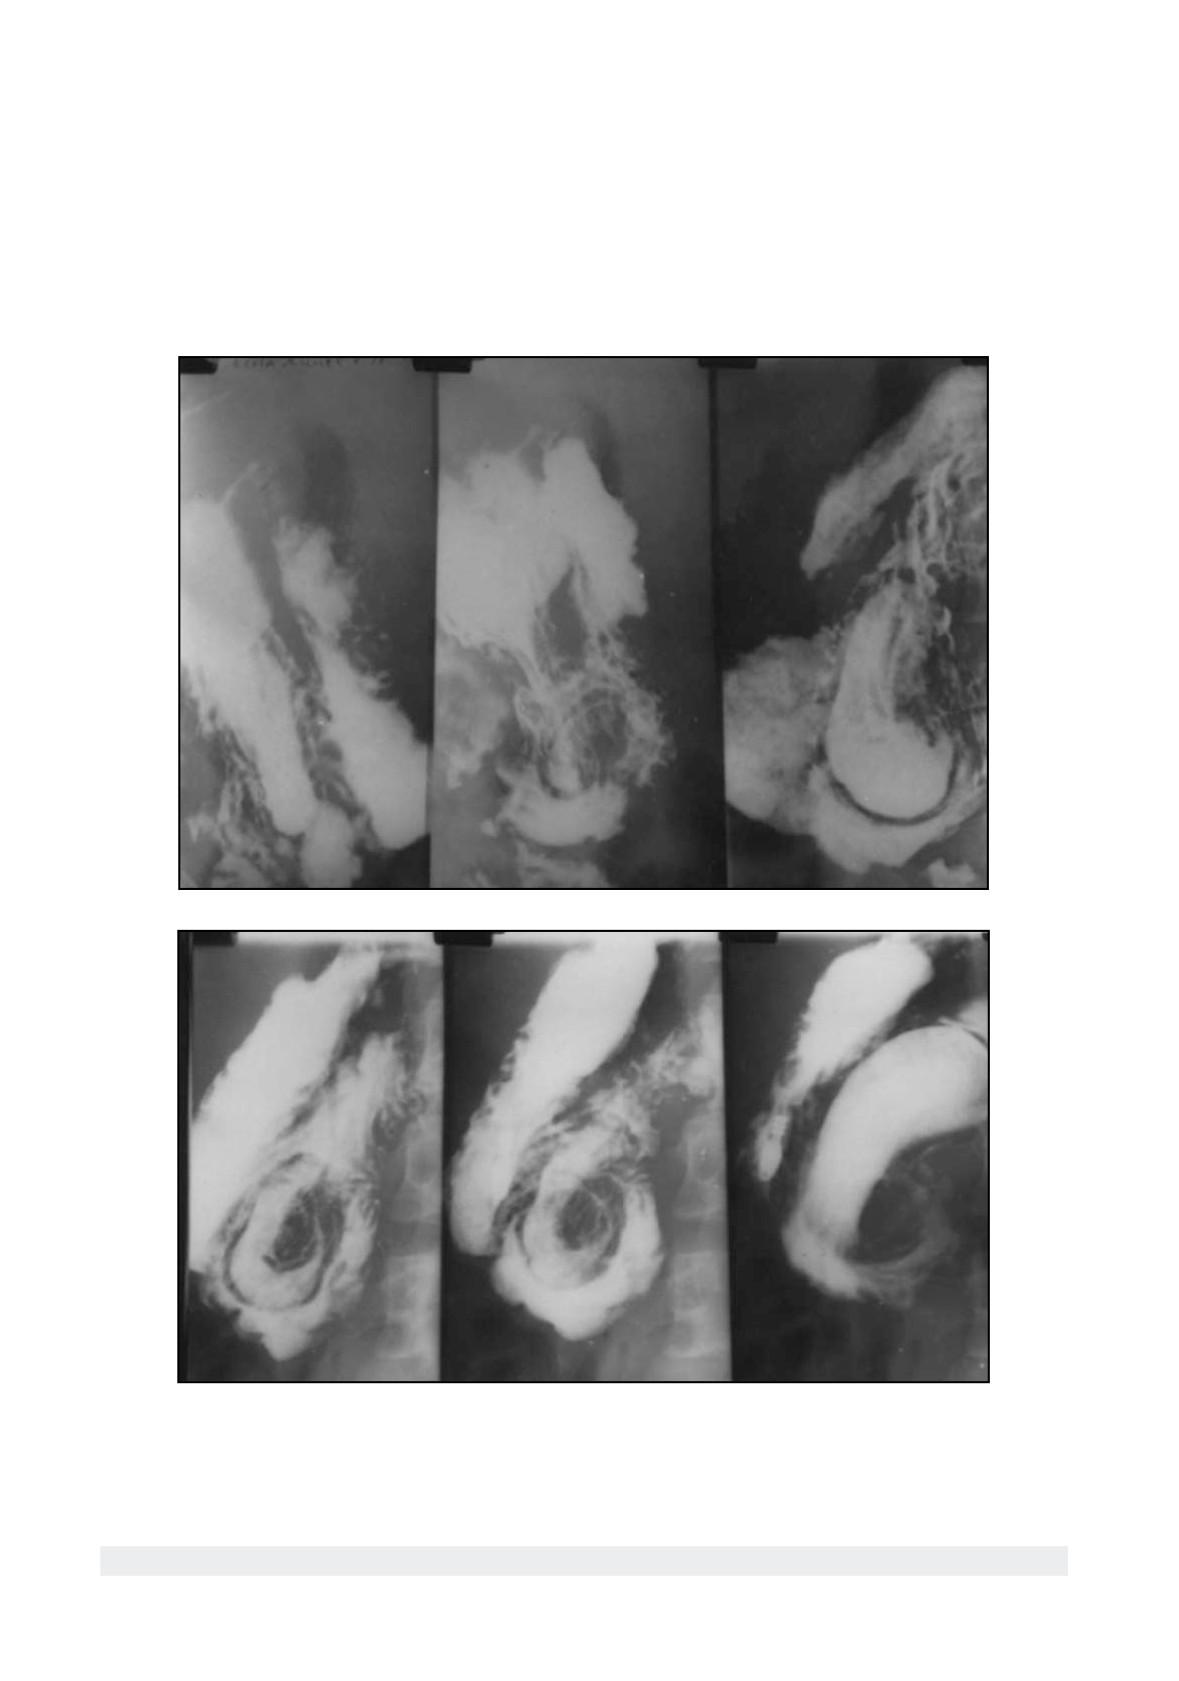 vizualizare internă varicoasă a fotografiei mici pelvis)